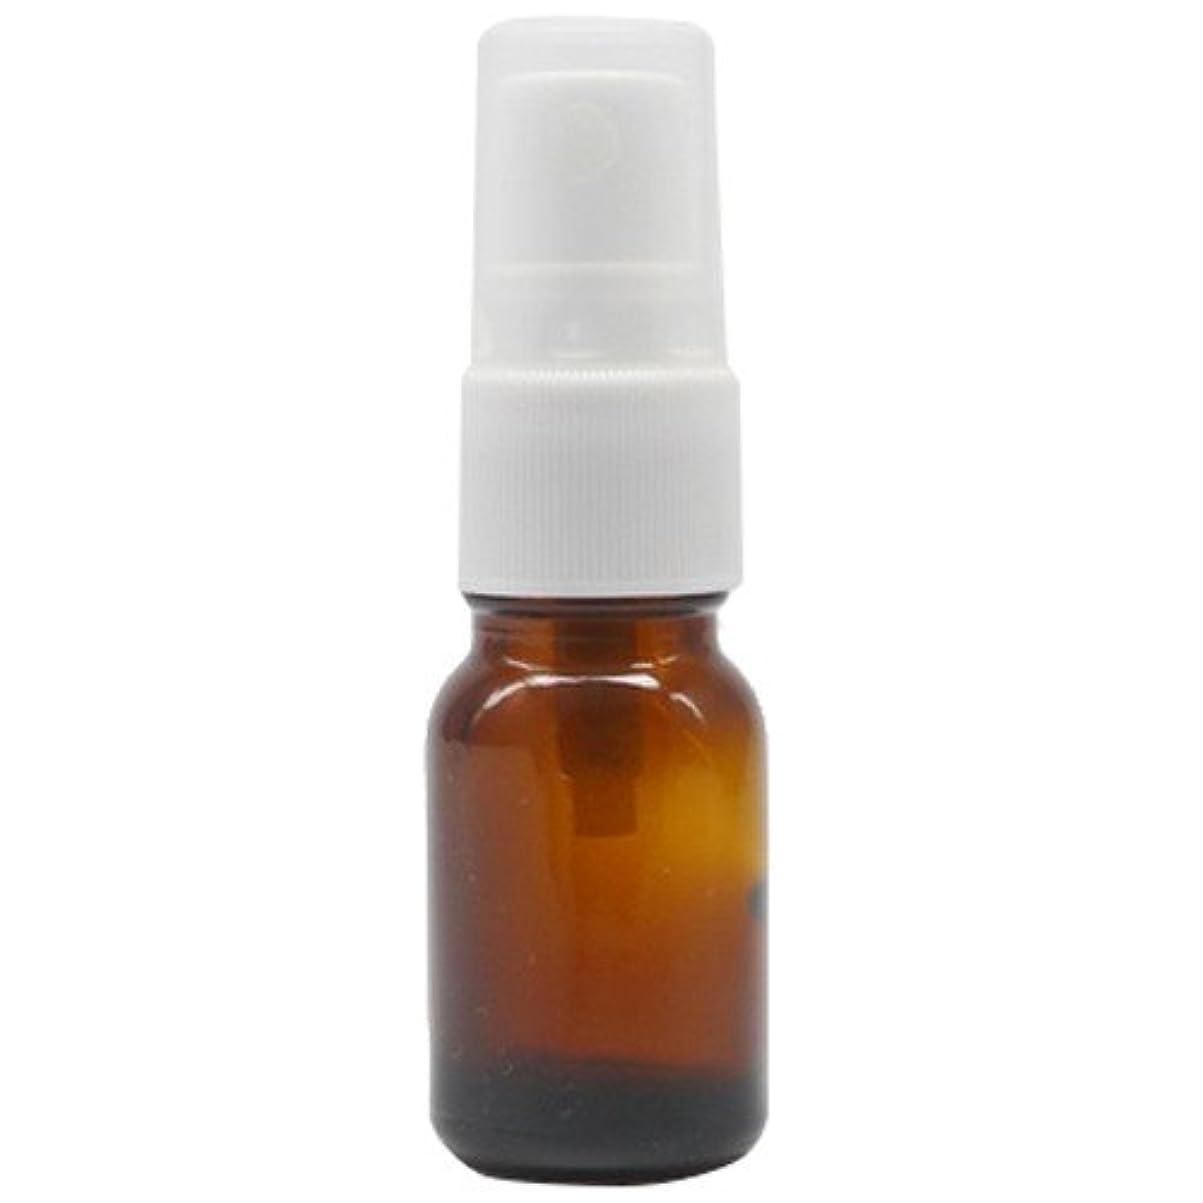 カタログ最小化するミルクアロマアンドライフ (D)茶褐色スプレー瓶10ml 3本セット